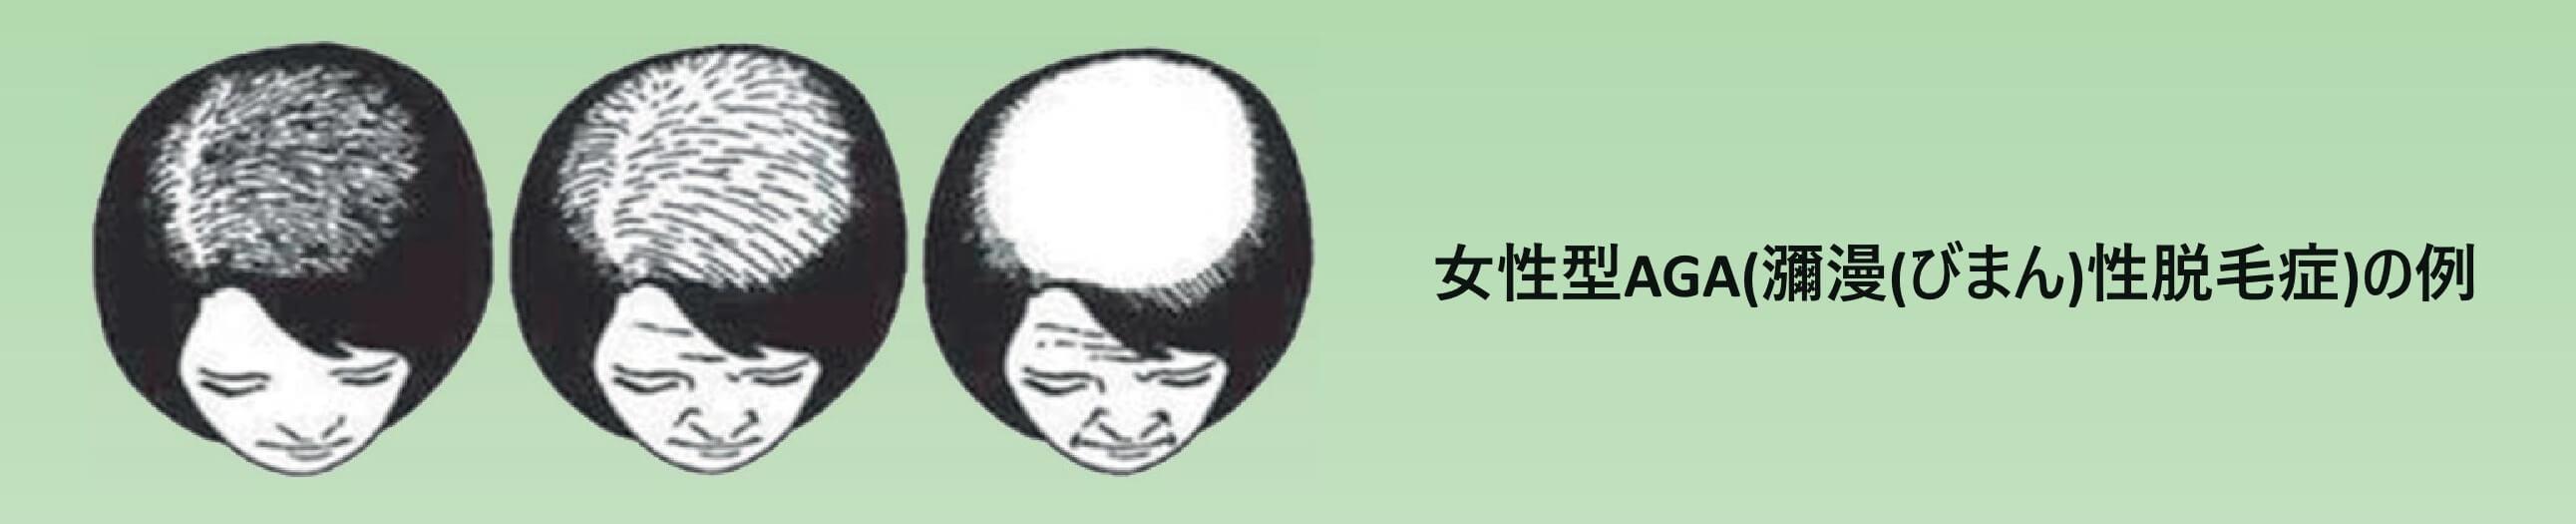 女性型脱毛症(FAGA)の薄毛パターン イメージ画像